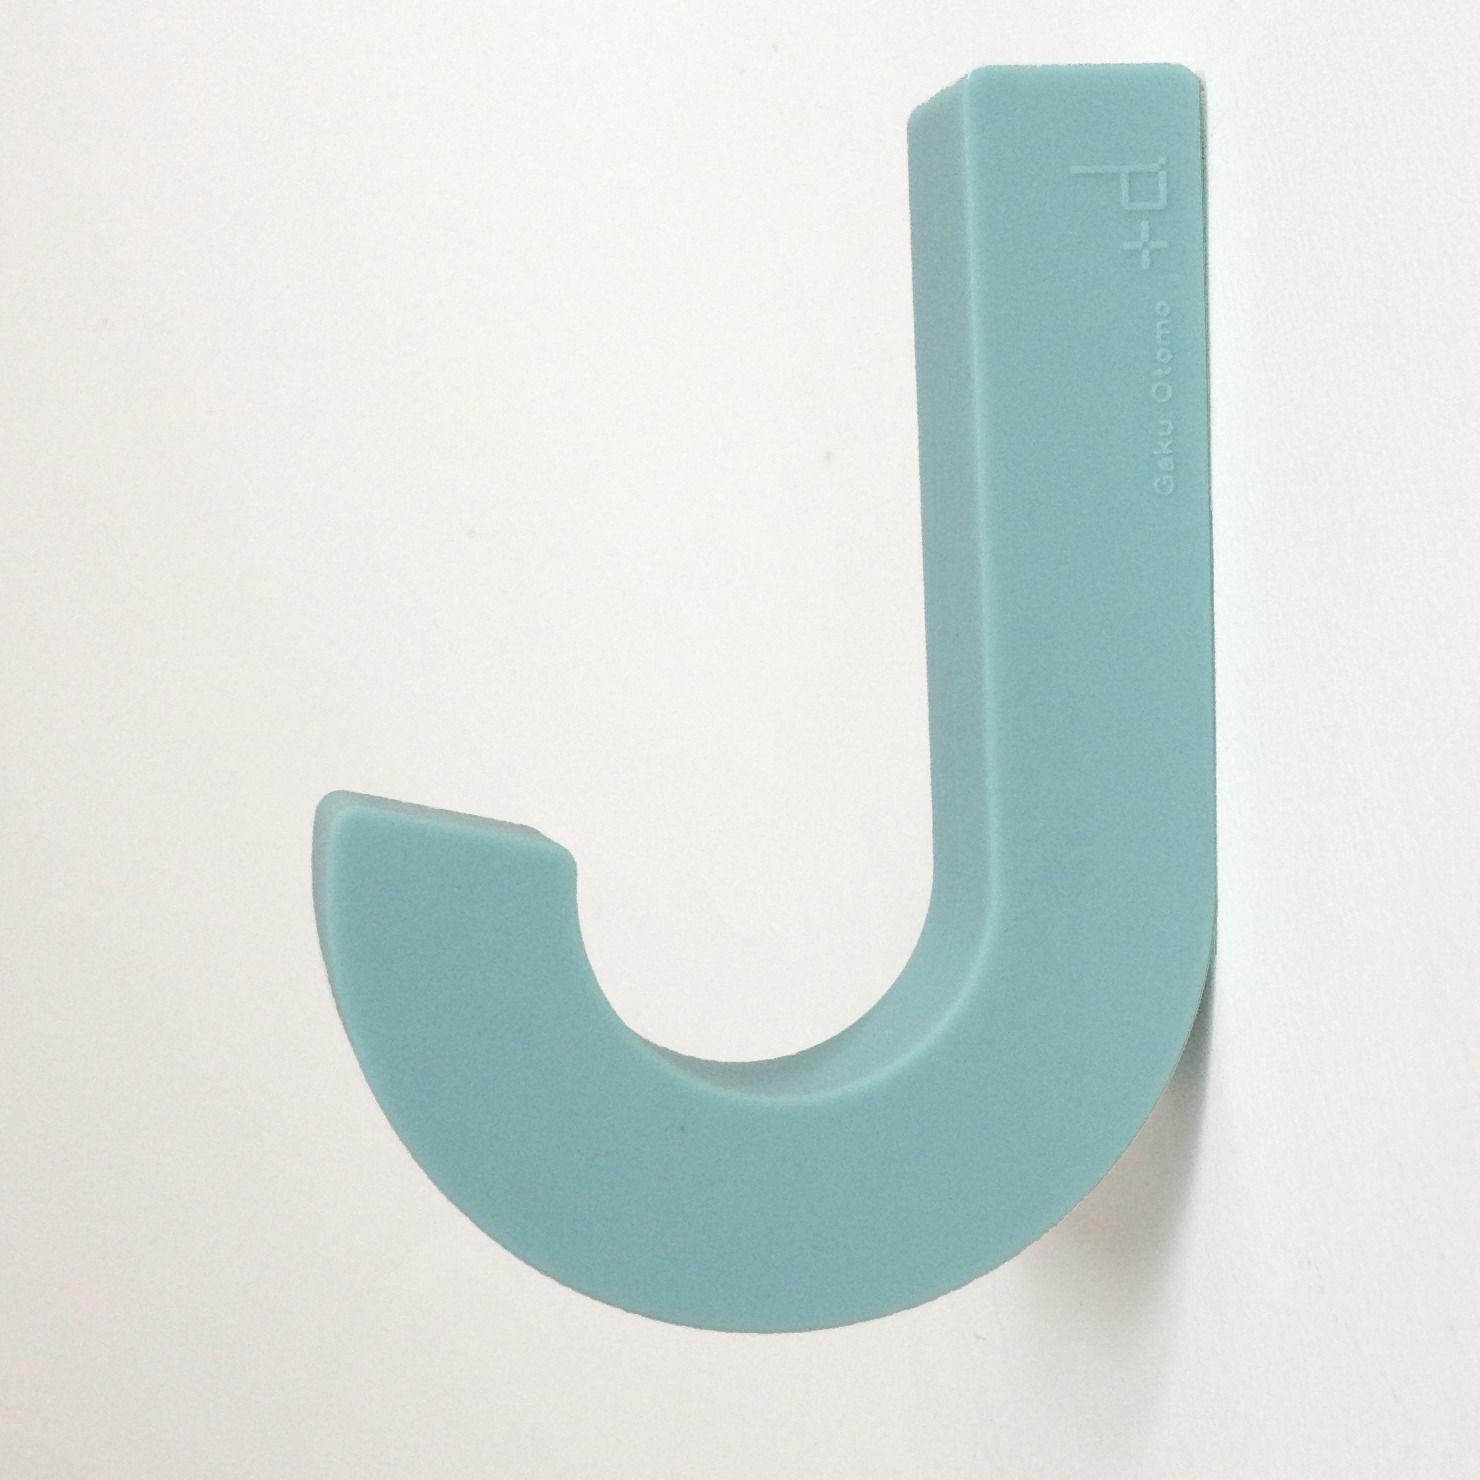 Möbel - Garderoben und Kleiderhaken - Gumhook Wandhaken weich - Pa Design - Himmelblau - Silikon